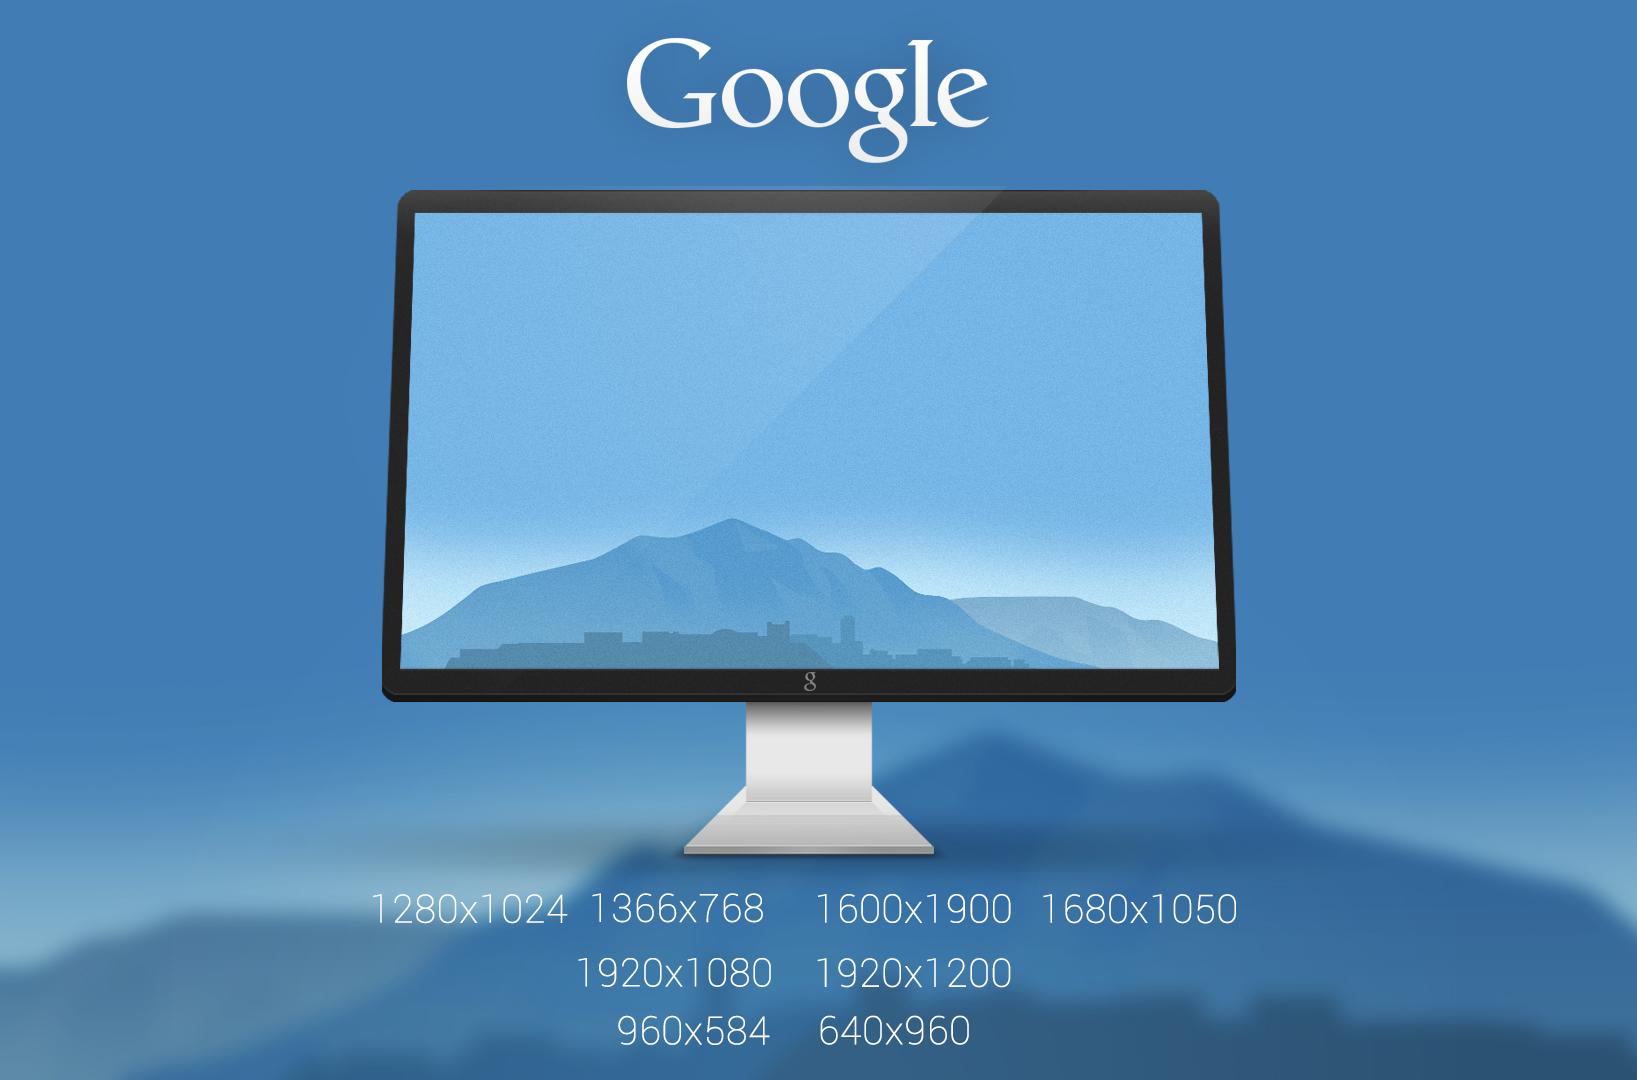 Google Now - Provo Wallpaper by Brebenel-Silviu